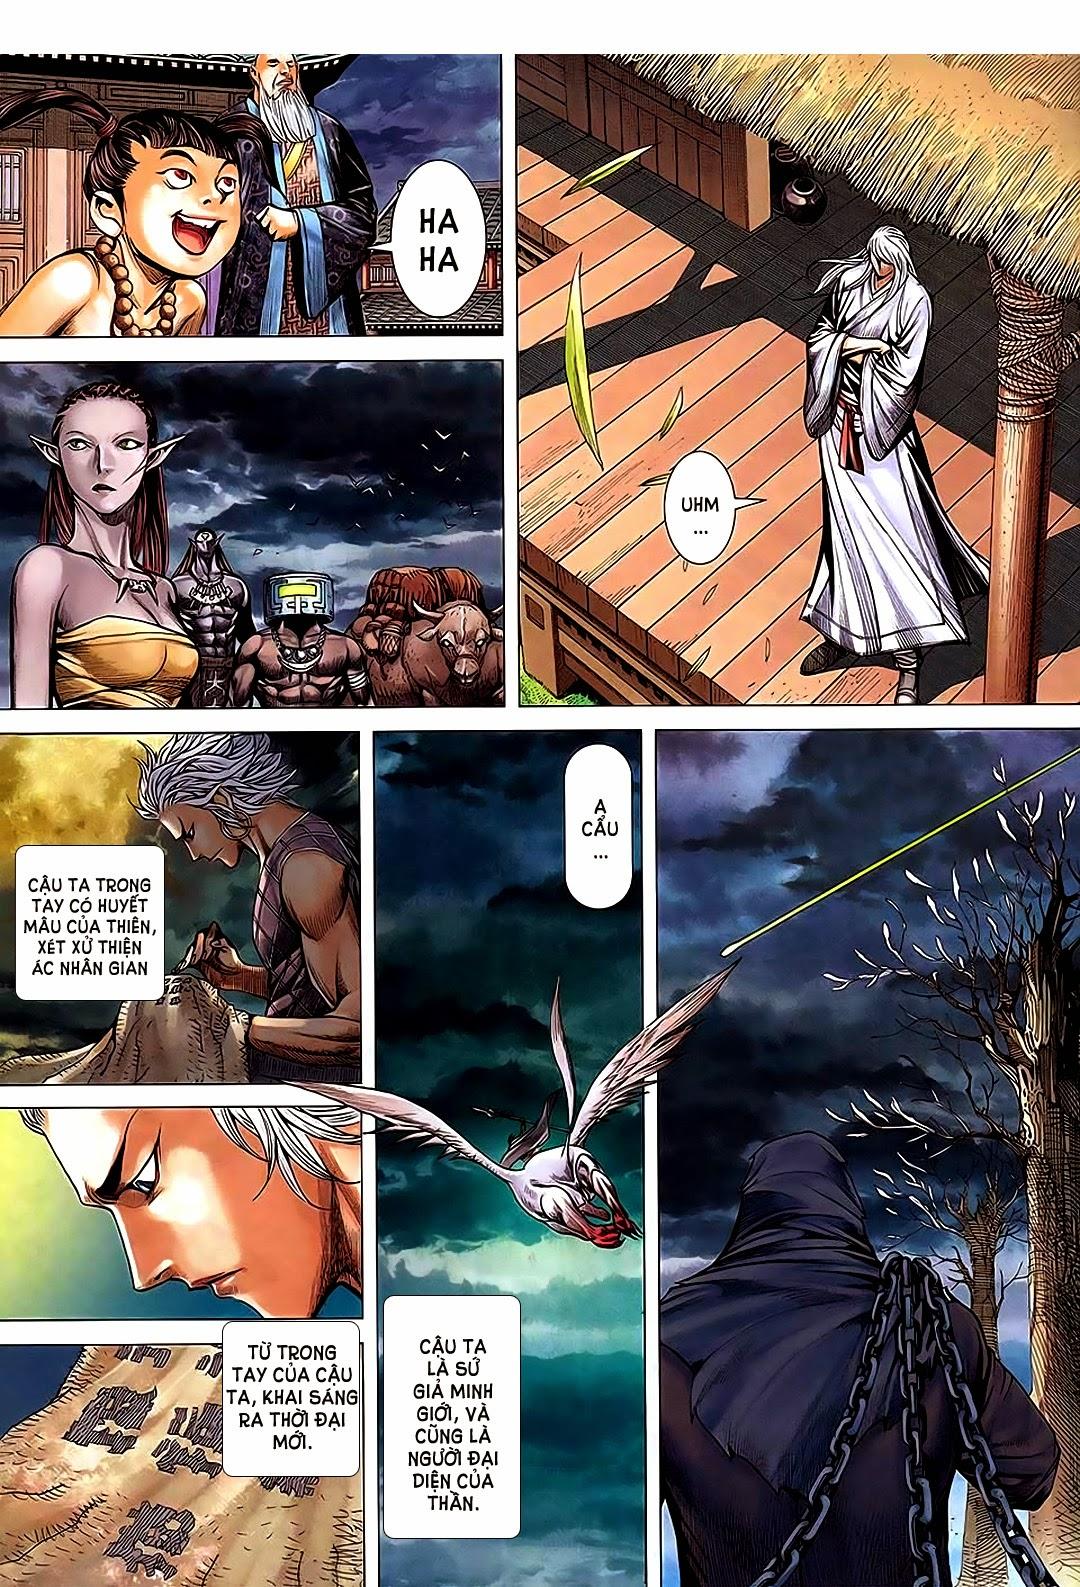 Phong Thần Ký chap 182 – End Trang 34 - Mangak.info